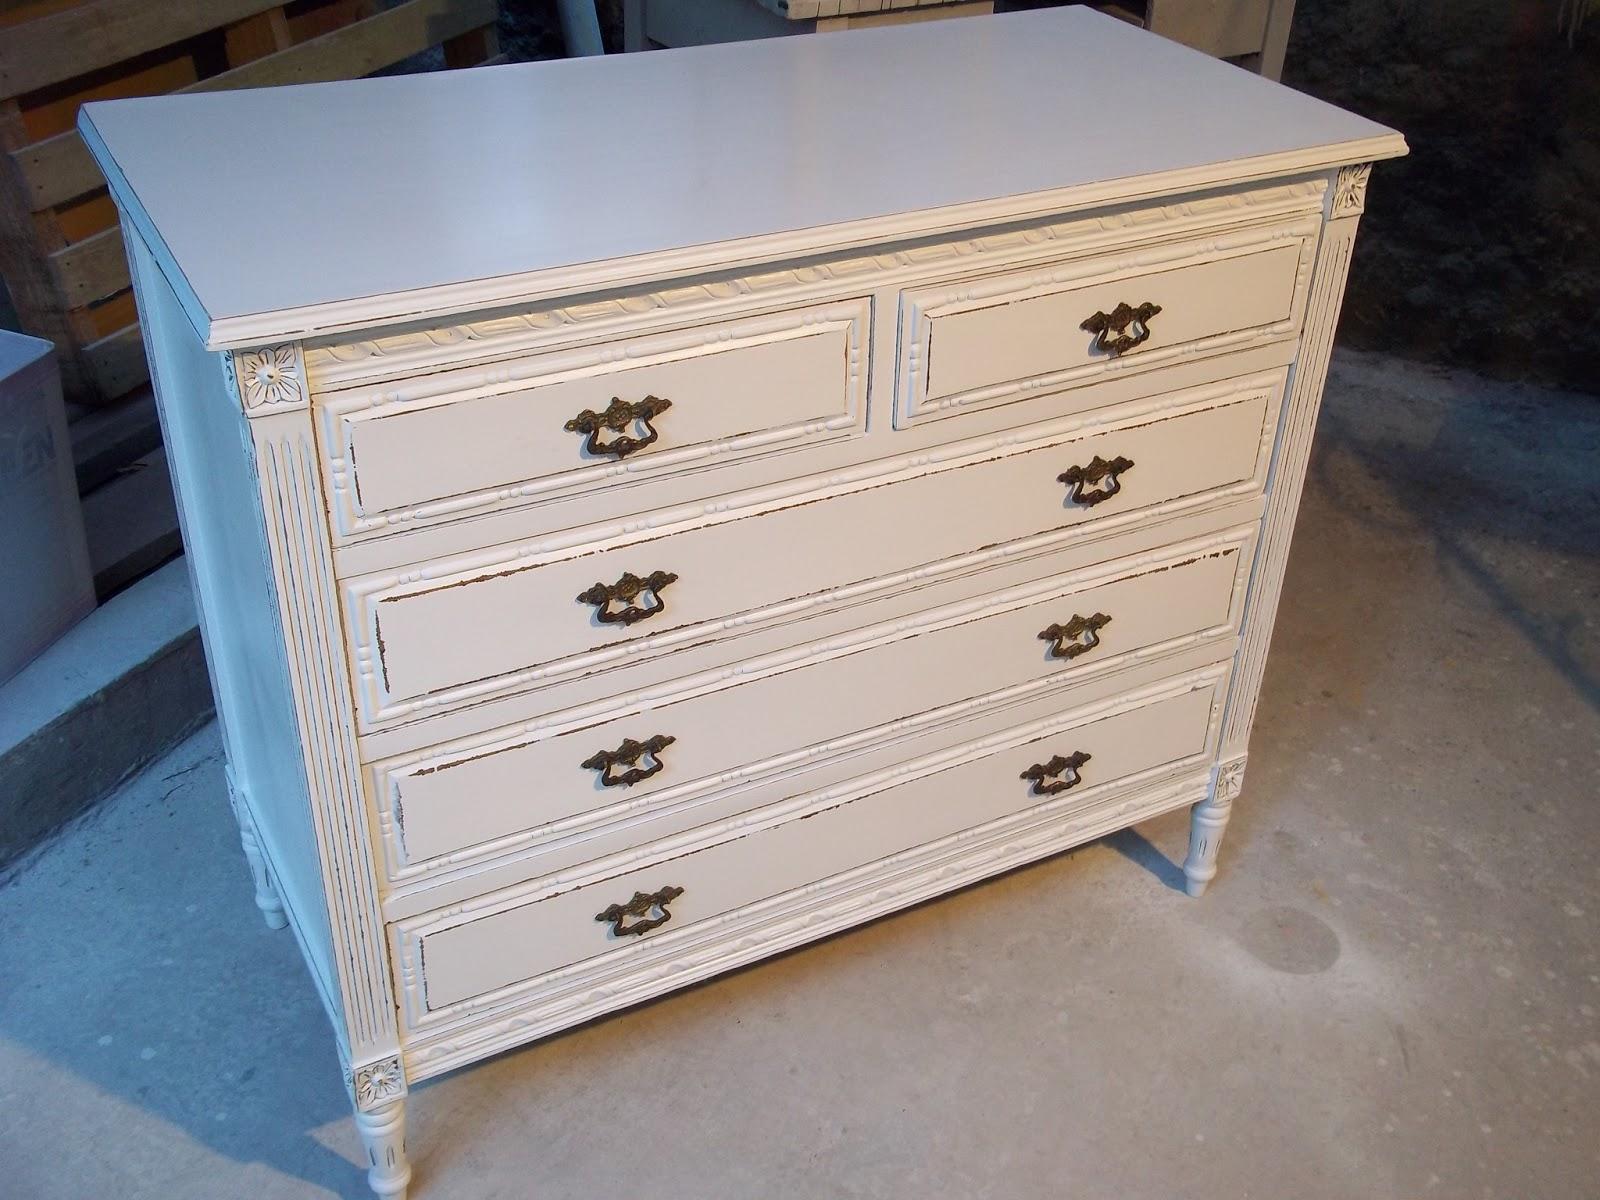 Comodas antiguas restauradas fotos excellent muebles for Fotos muebles reciclados